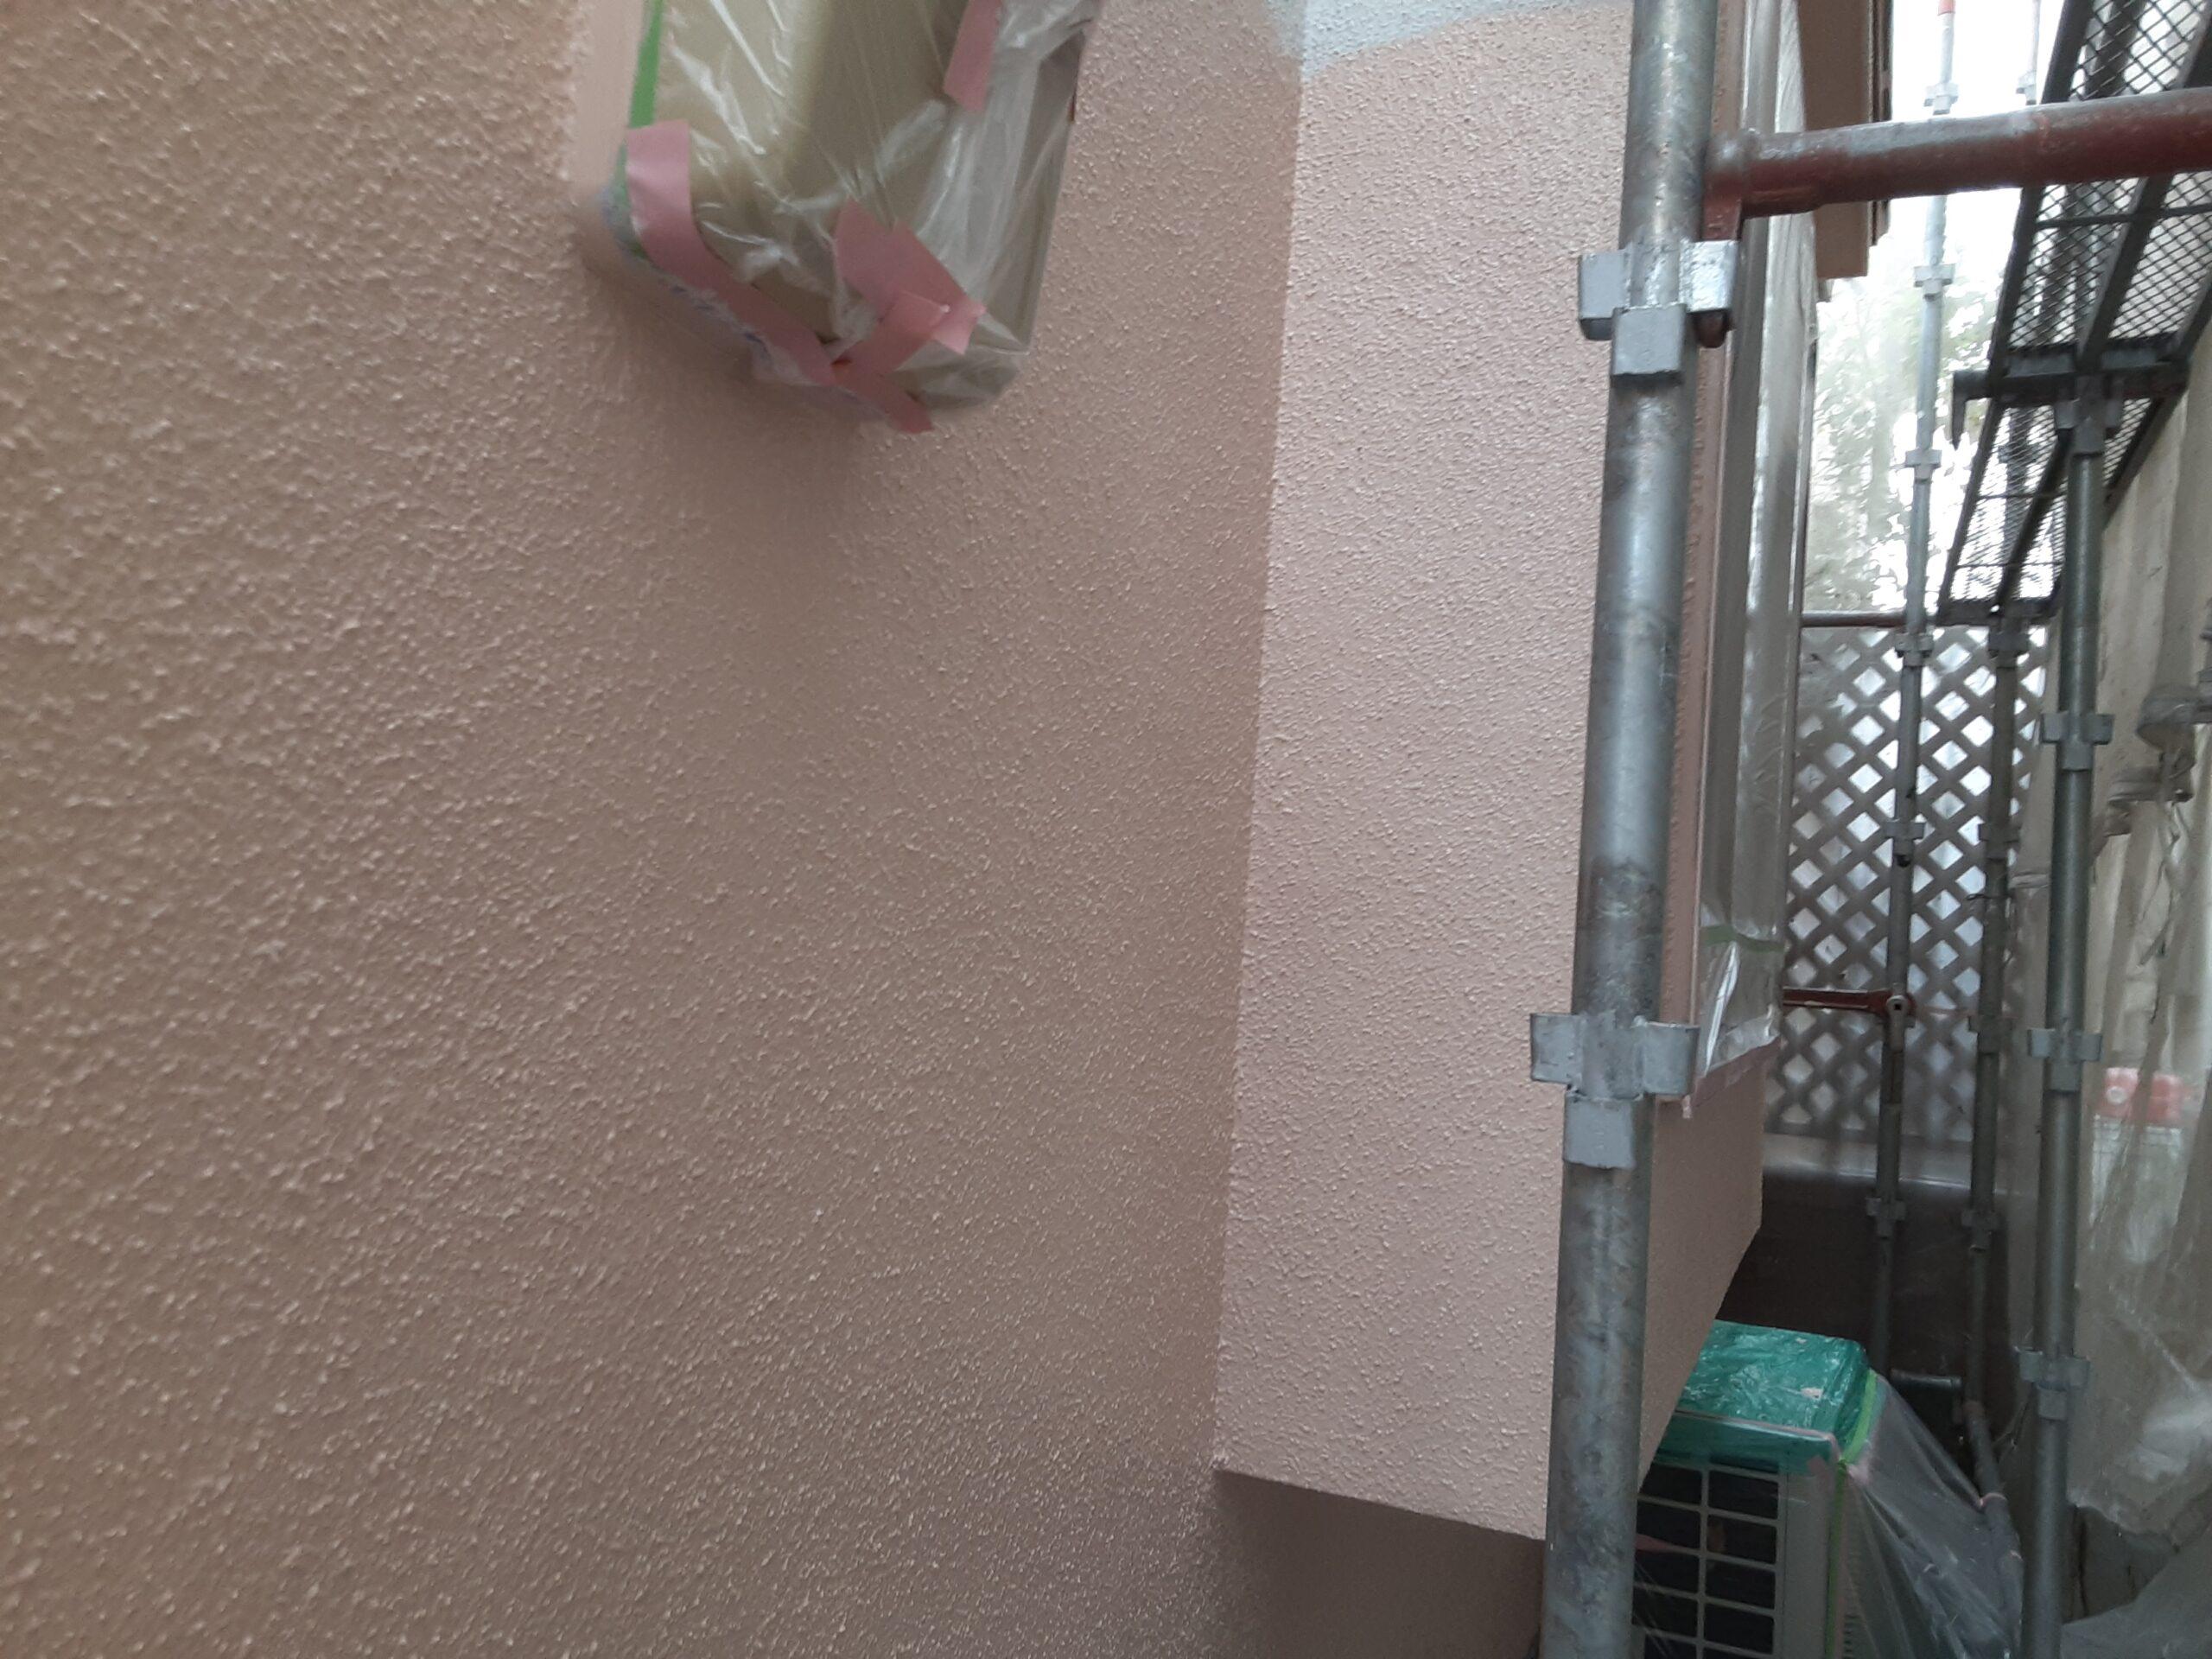 埼玉県さいたま市大宮区のW様邸(木造2階建て)にて屋根・外壁の中塗り塗装